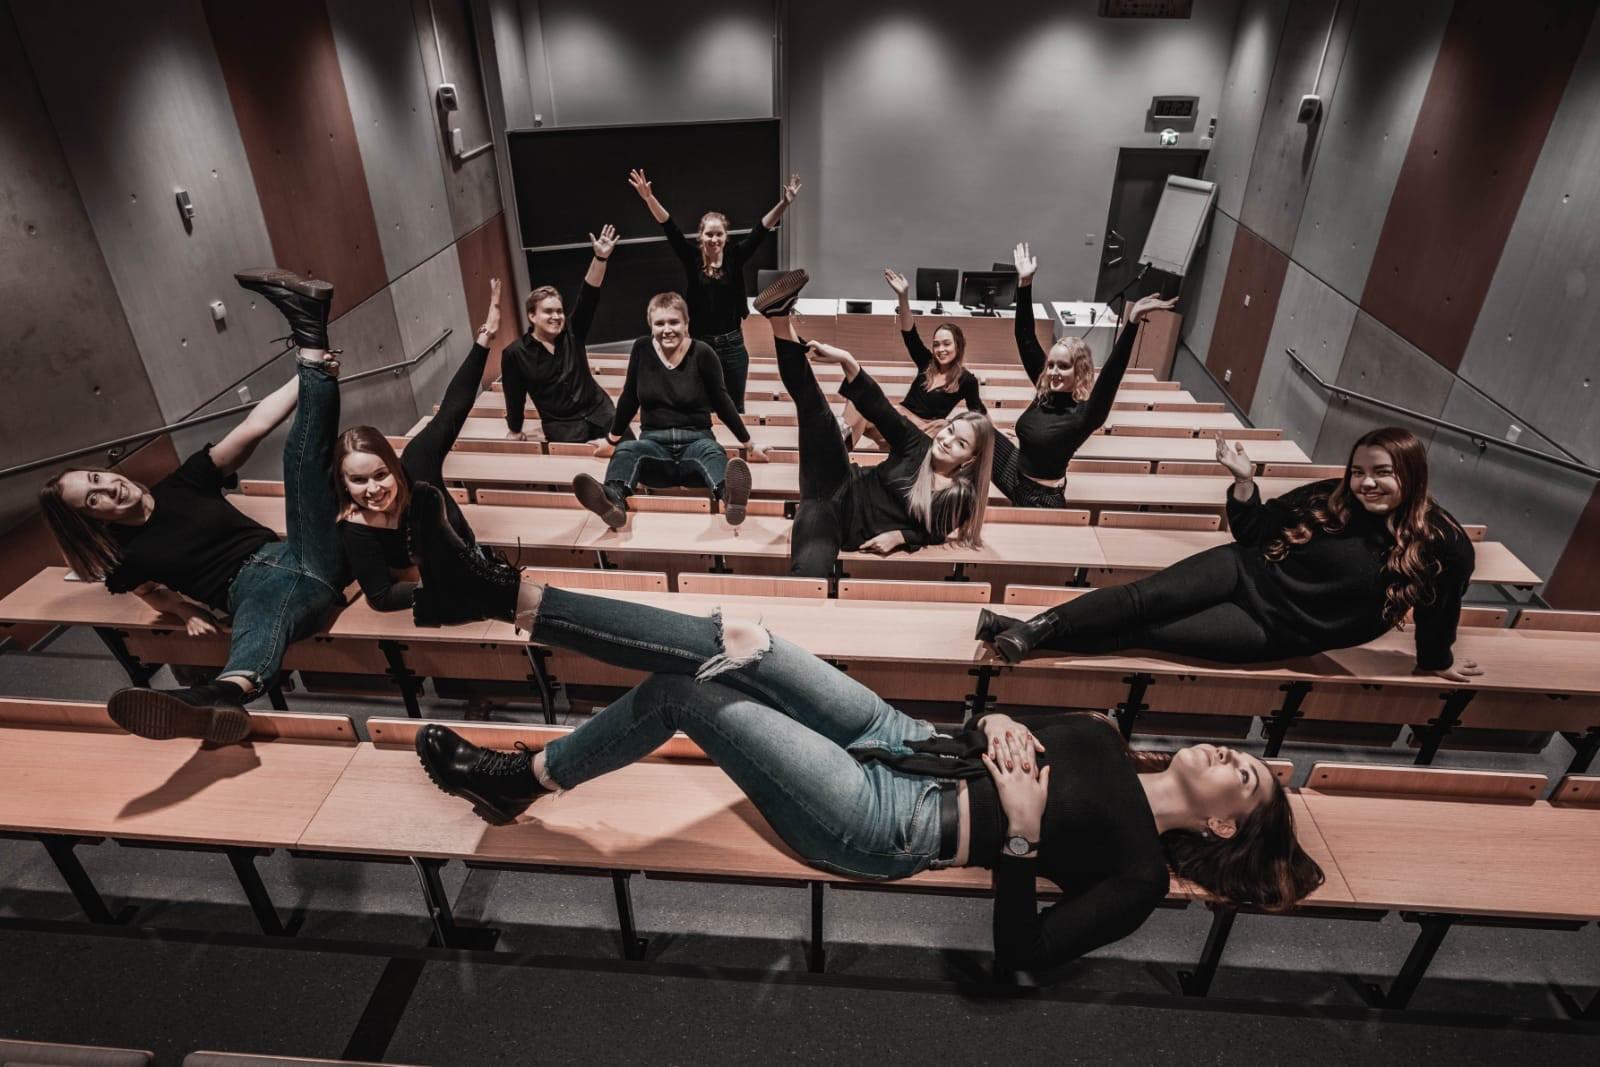 Kuva Tombolo ry:n hallituksen jäsenistä vuonna 2020 luentosalin pöydillä istumassa ja makaamassa